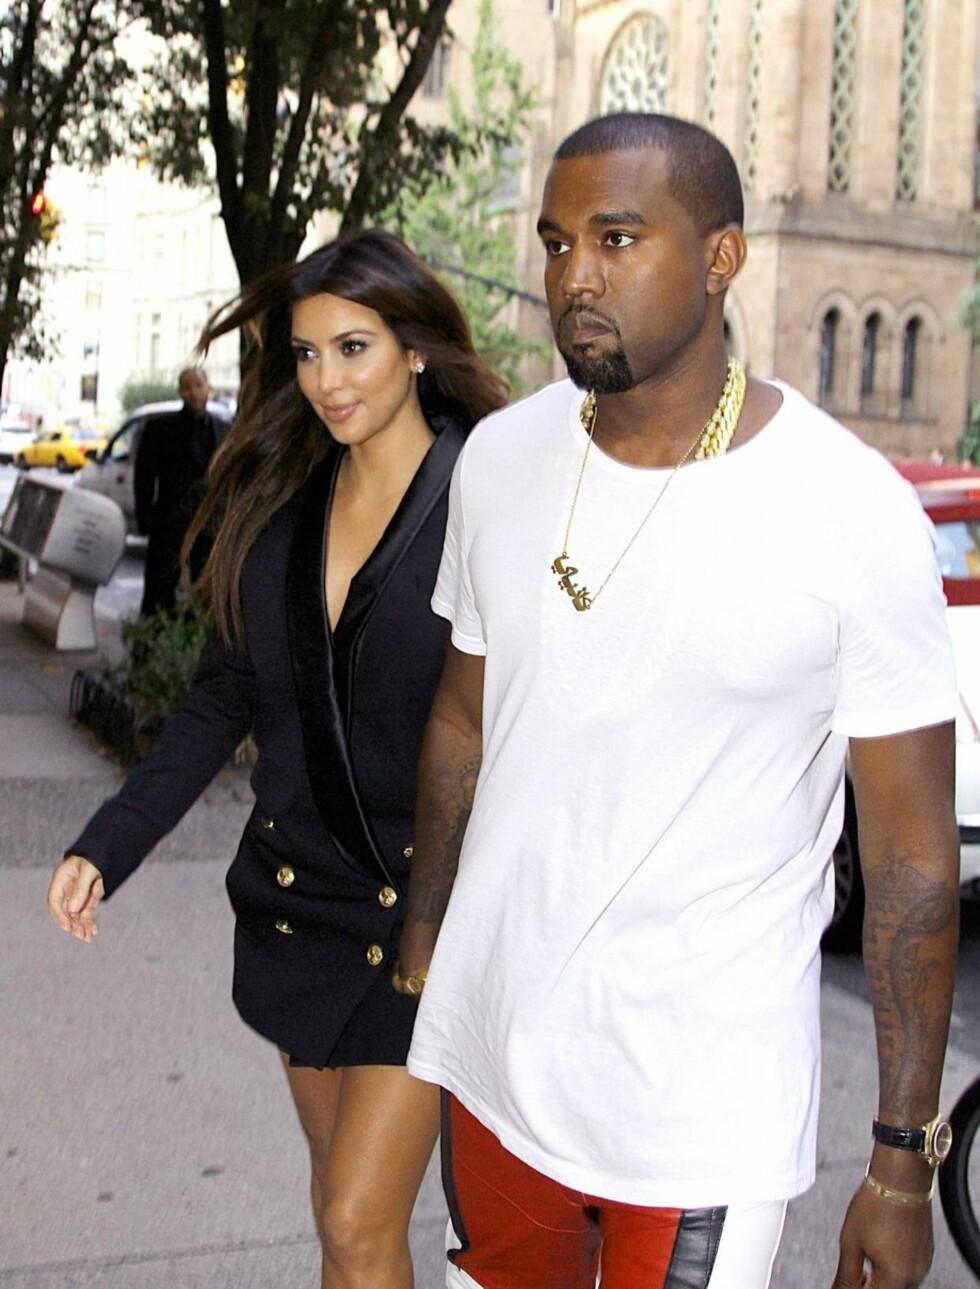 VENTER PÅ SKILSMISSE: Kim Kardashians forrige ekteskap - med basketproffen  Kris Humphries - varte kun i 72 dager. Men mange spår at hun vil gifte seg med sin nye kjæreste Kanye West, så fort skilsmissen er gjennomført. Foto: All Over Press